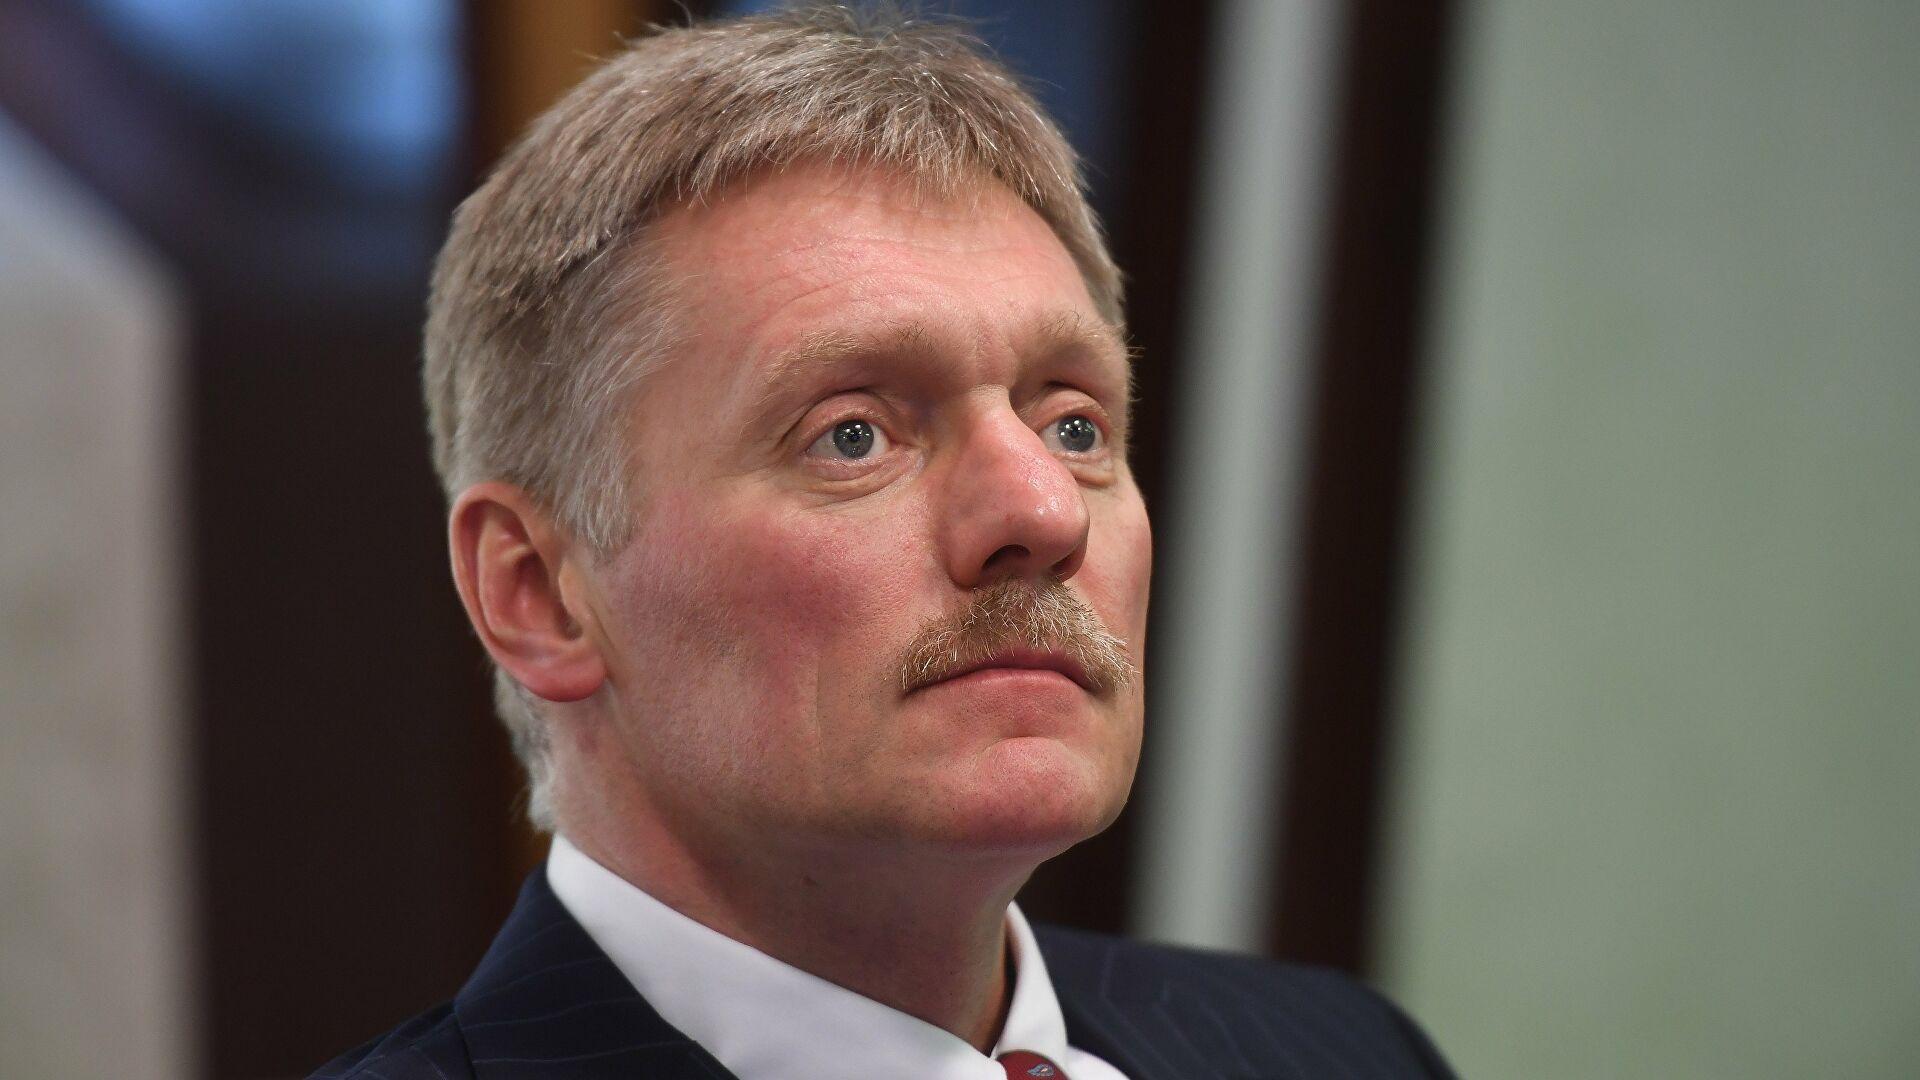 Песков: Жалимо због изјава Зеленског о могућности рата са Русијом